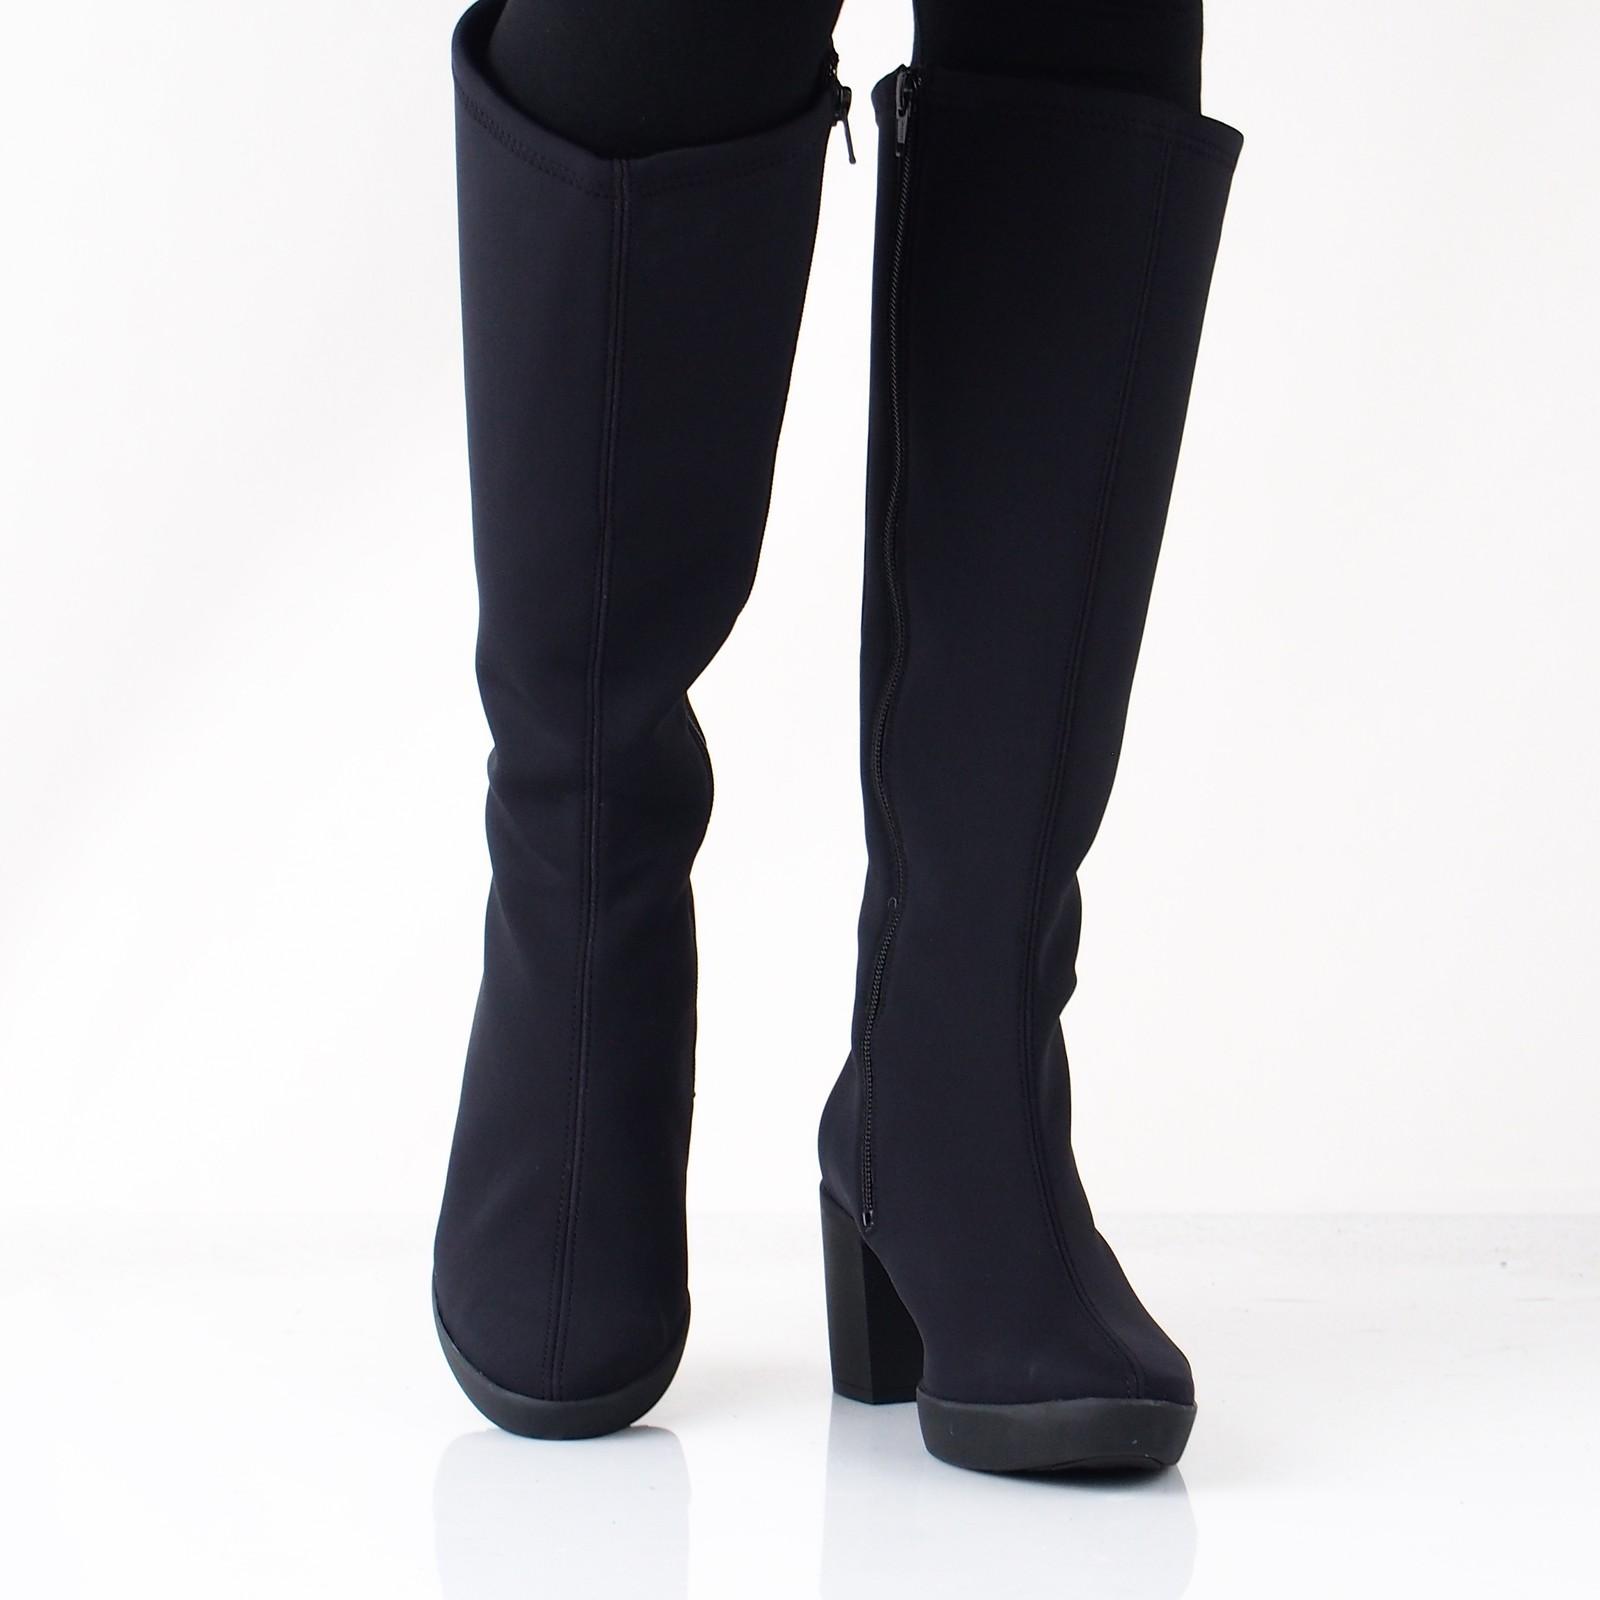 8fbdaf7c84 Högl dámske textilné vysoké čižmy - čierne ...